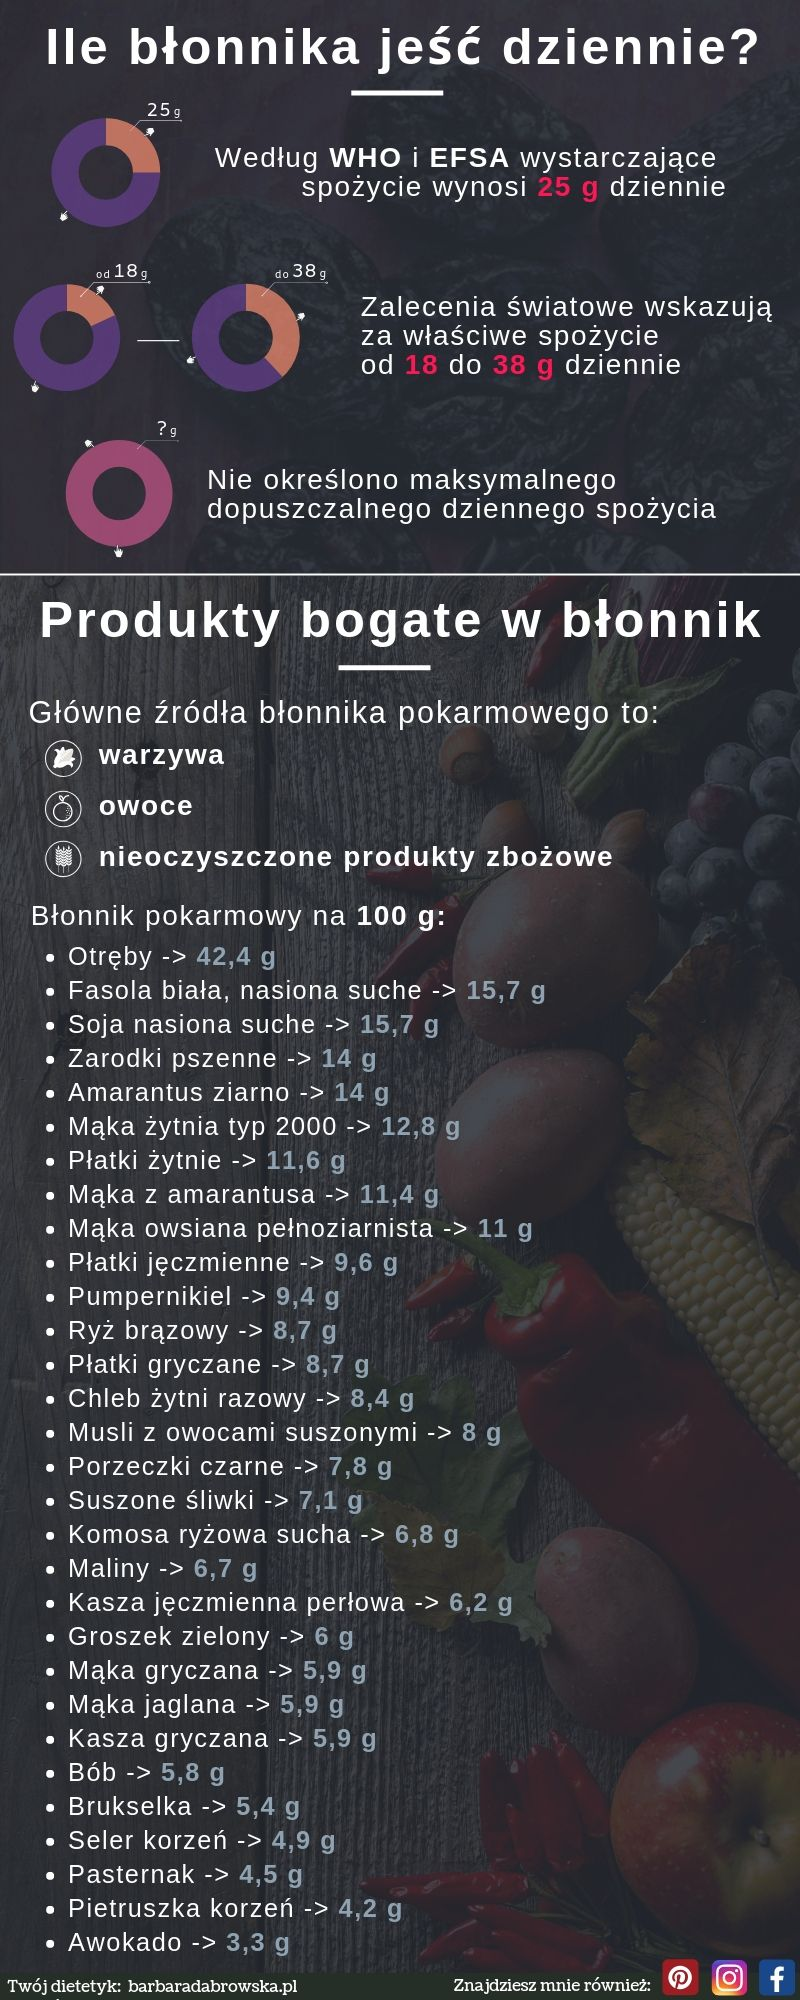 Błonnik pokarmowy - produkty bogate w błonnik - infografika - część 2